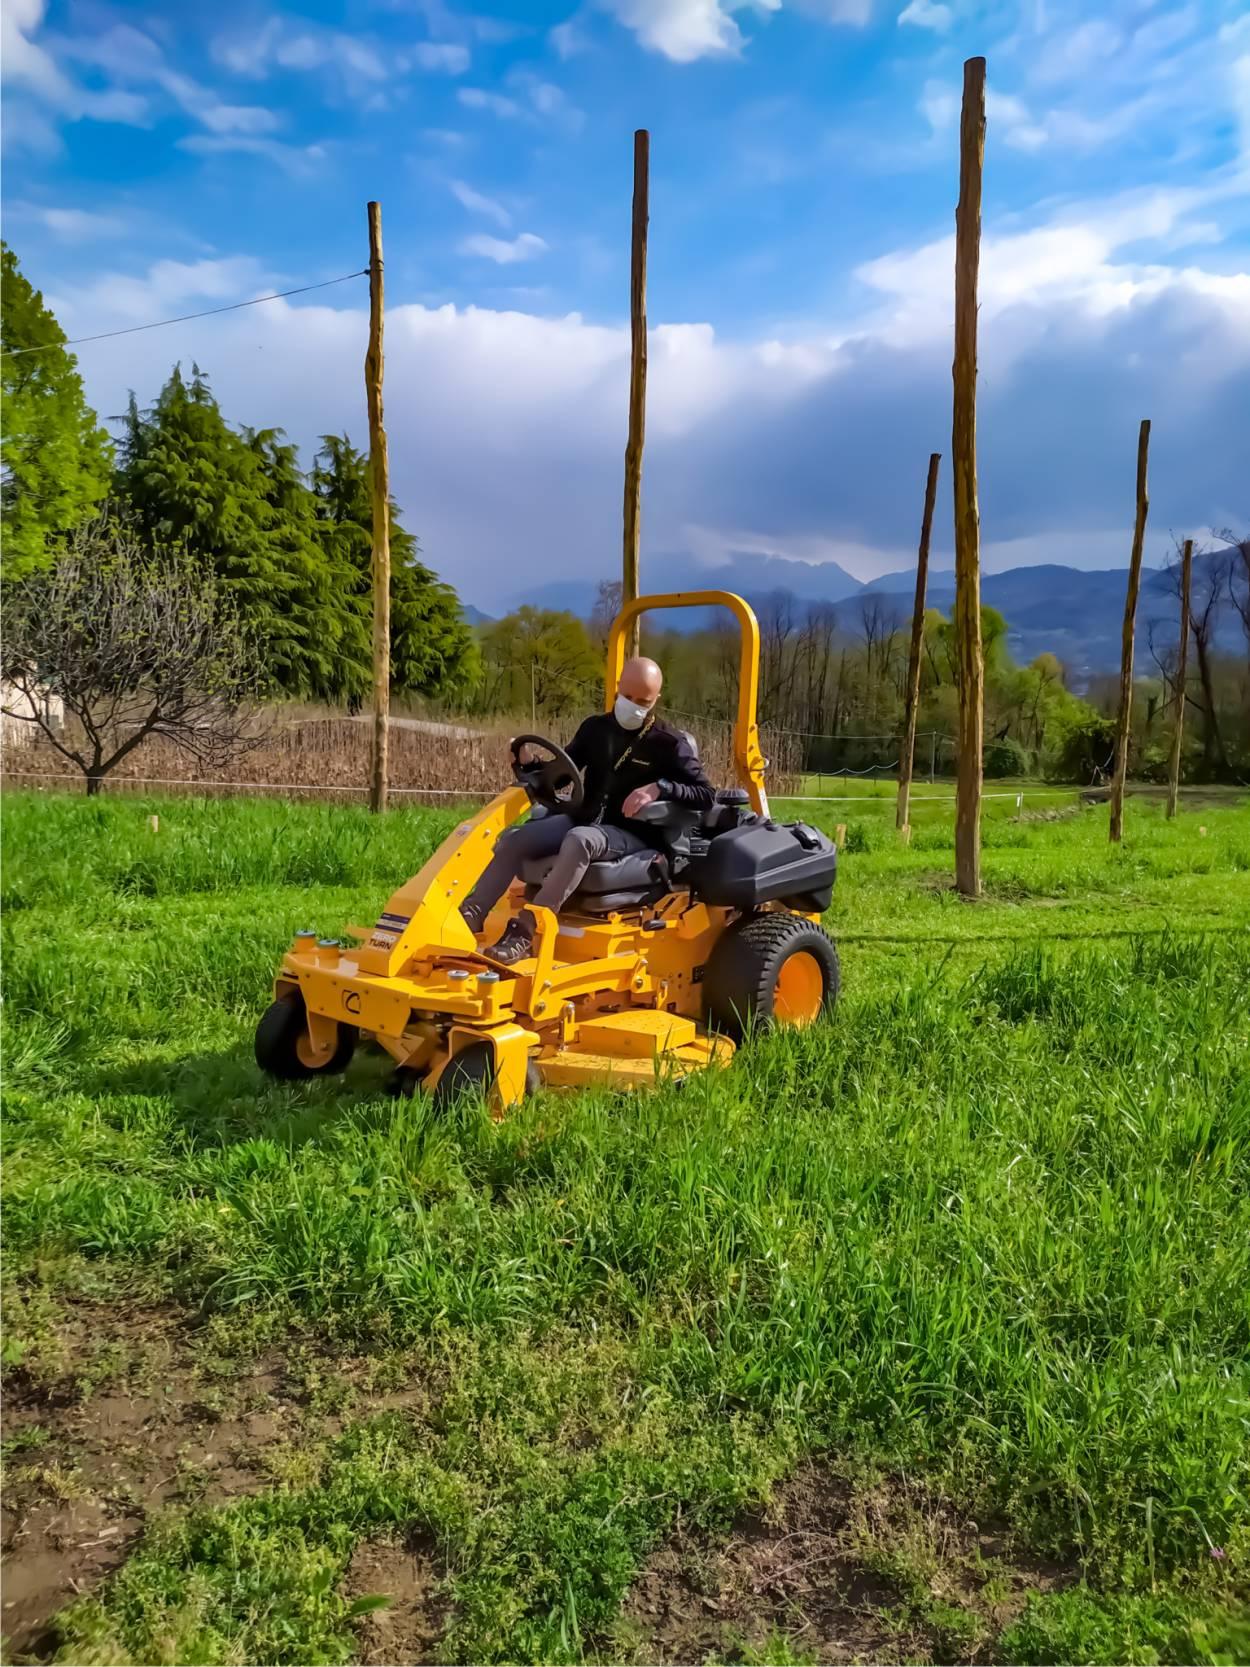 taglio erba trattorino